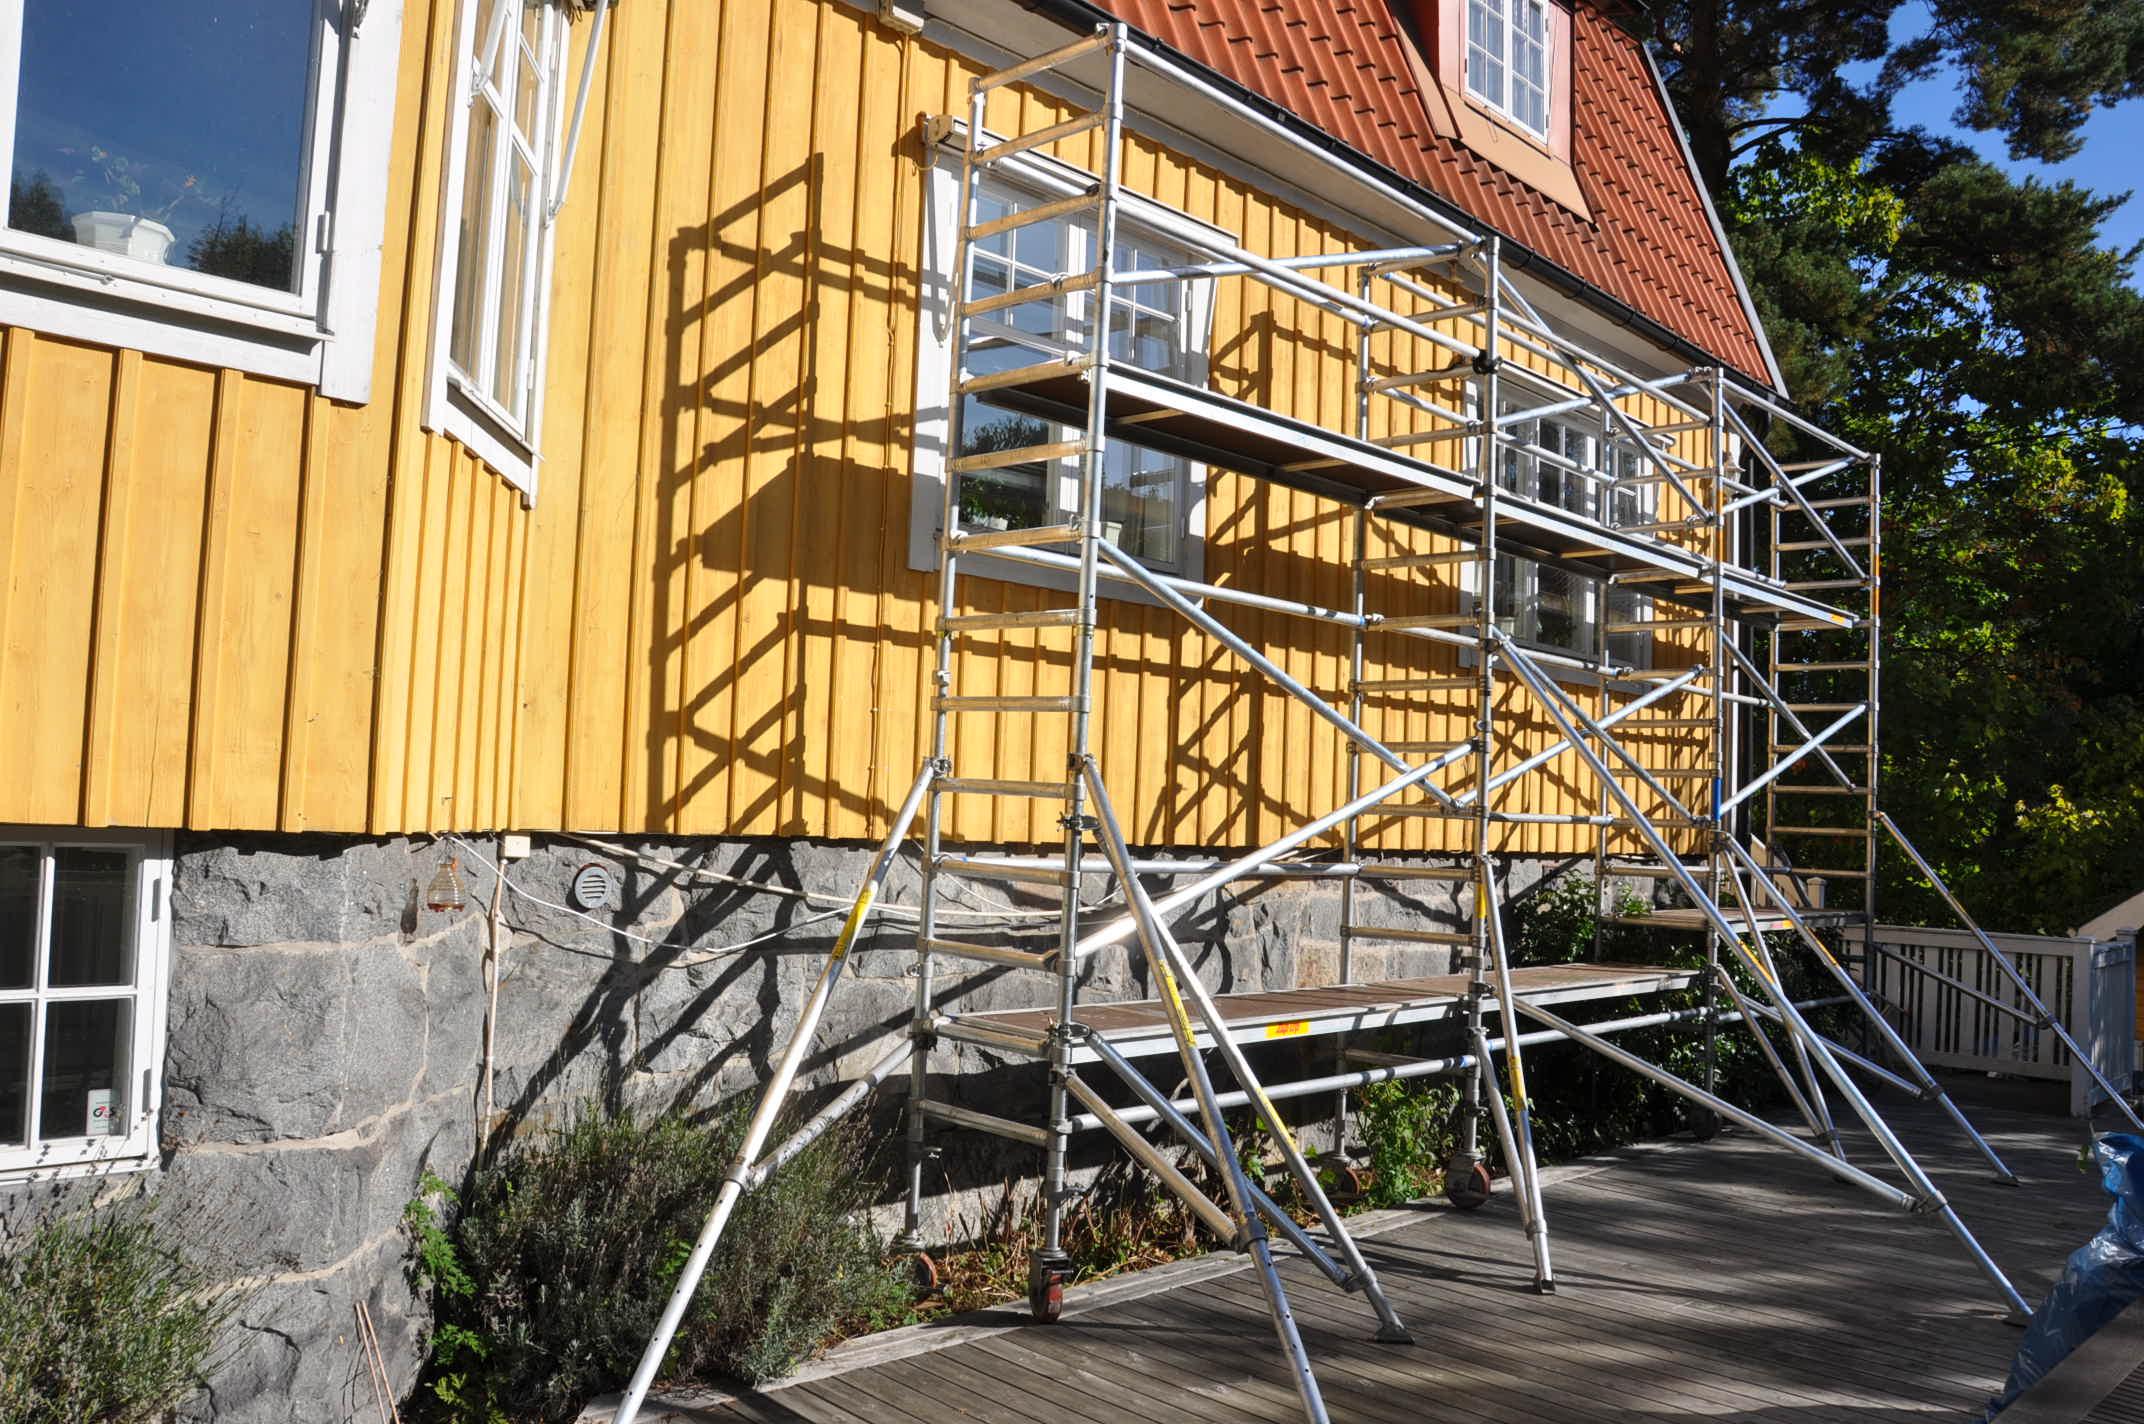 Smal byggställning flera sektioner bilder h9.se hyr byggställning